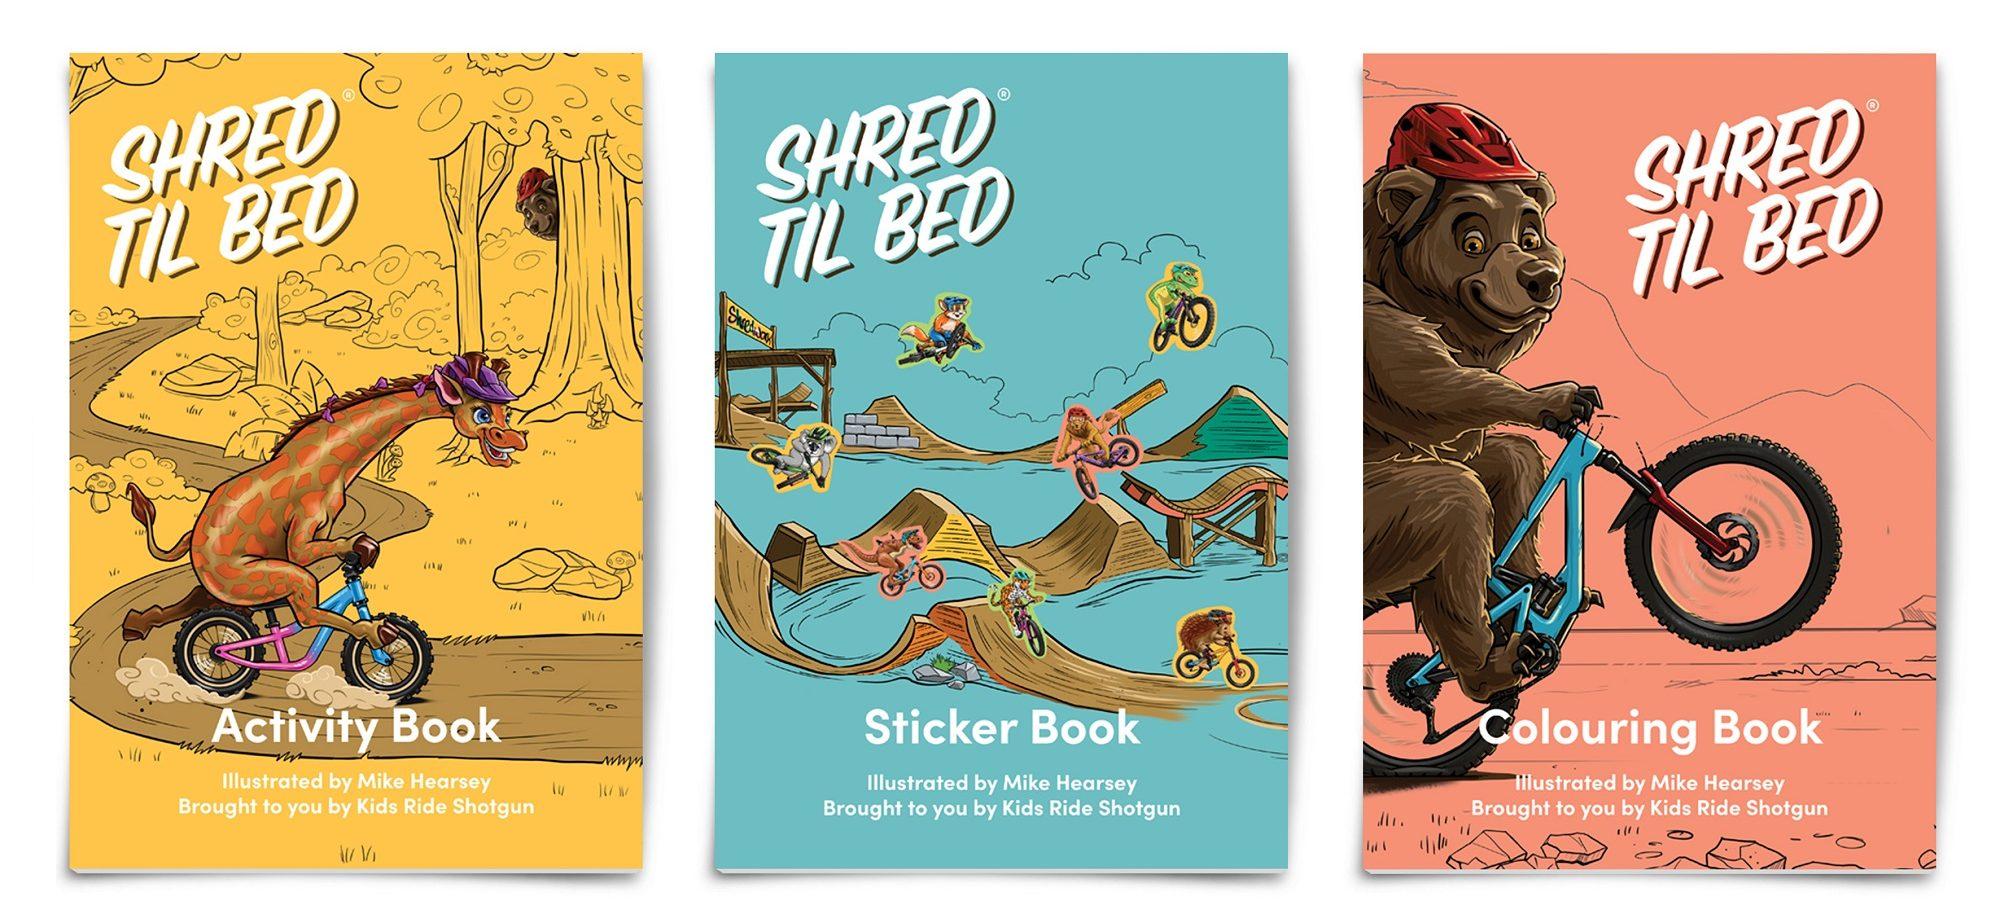 Shred til bed activity bundle